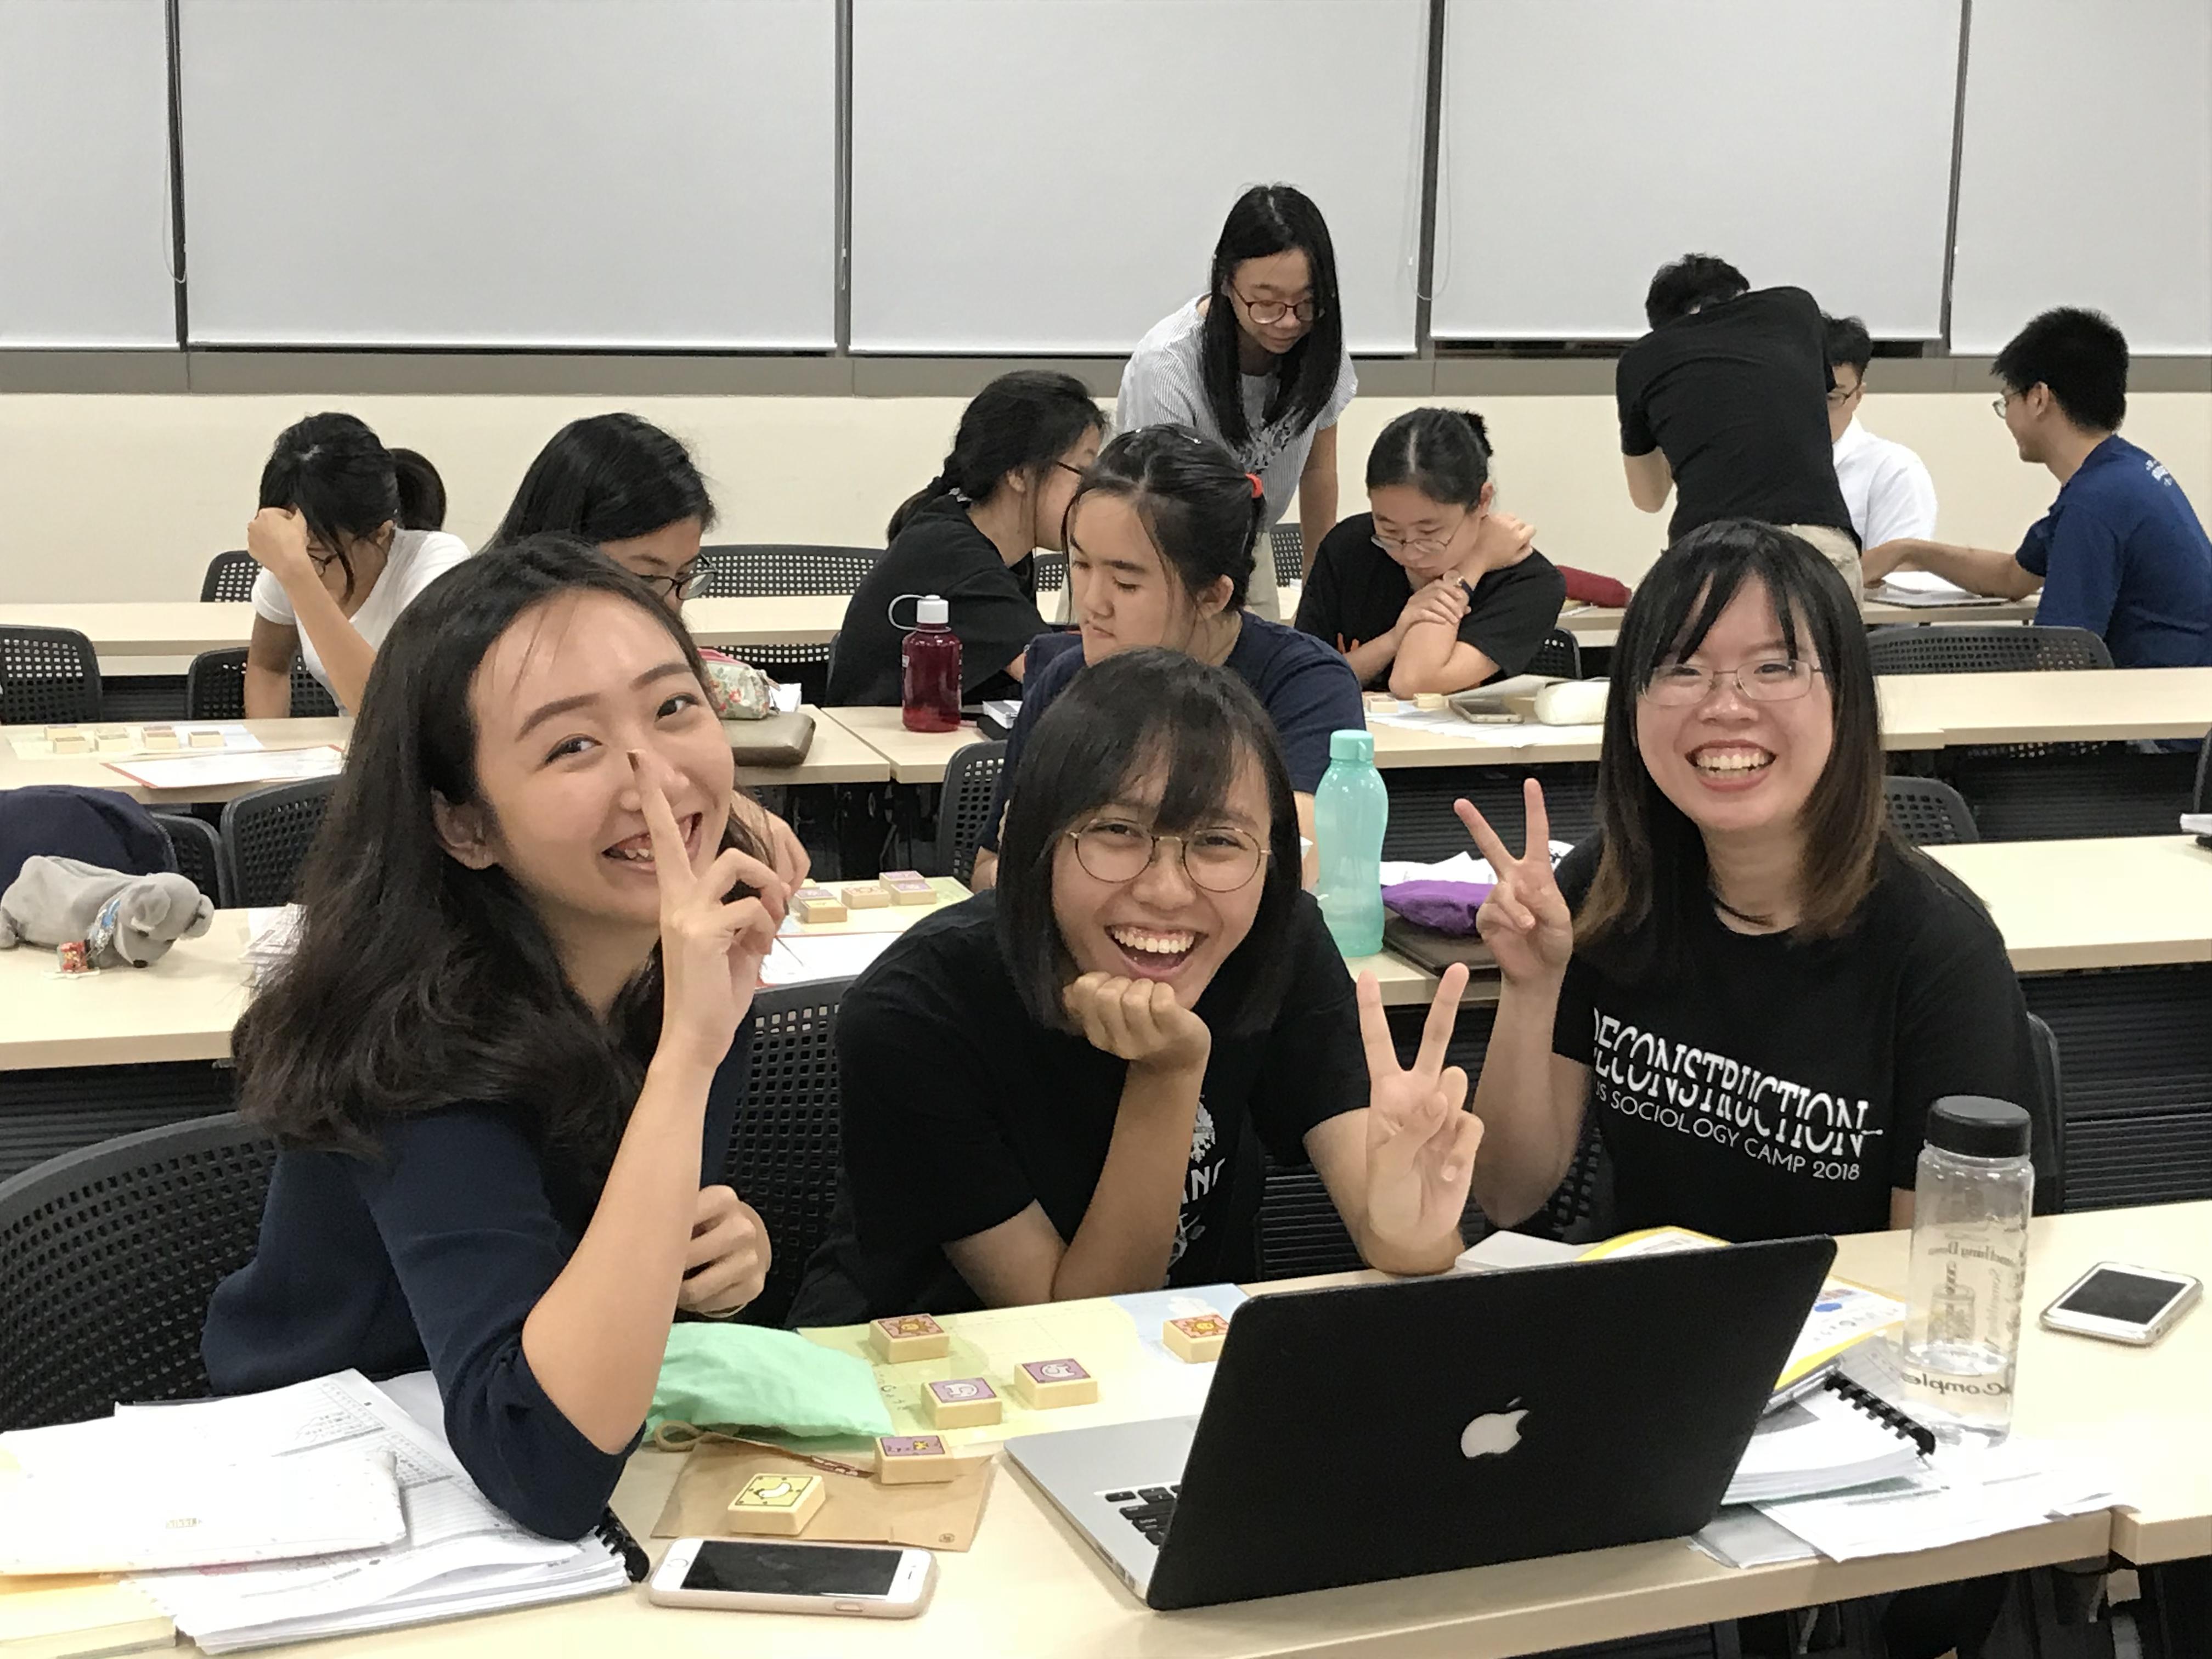 授業を受ける女子学生たち